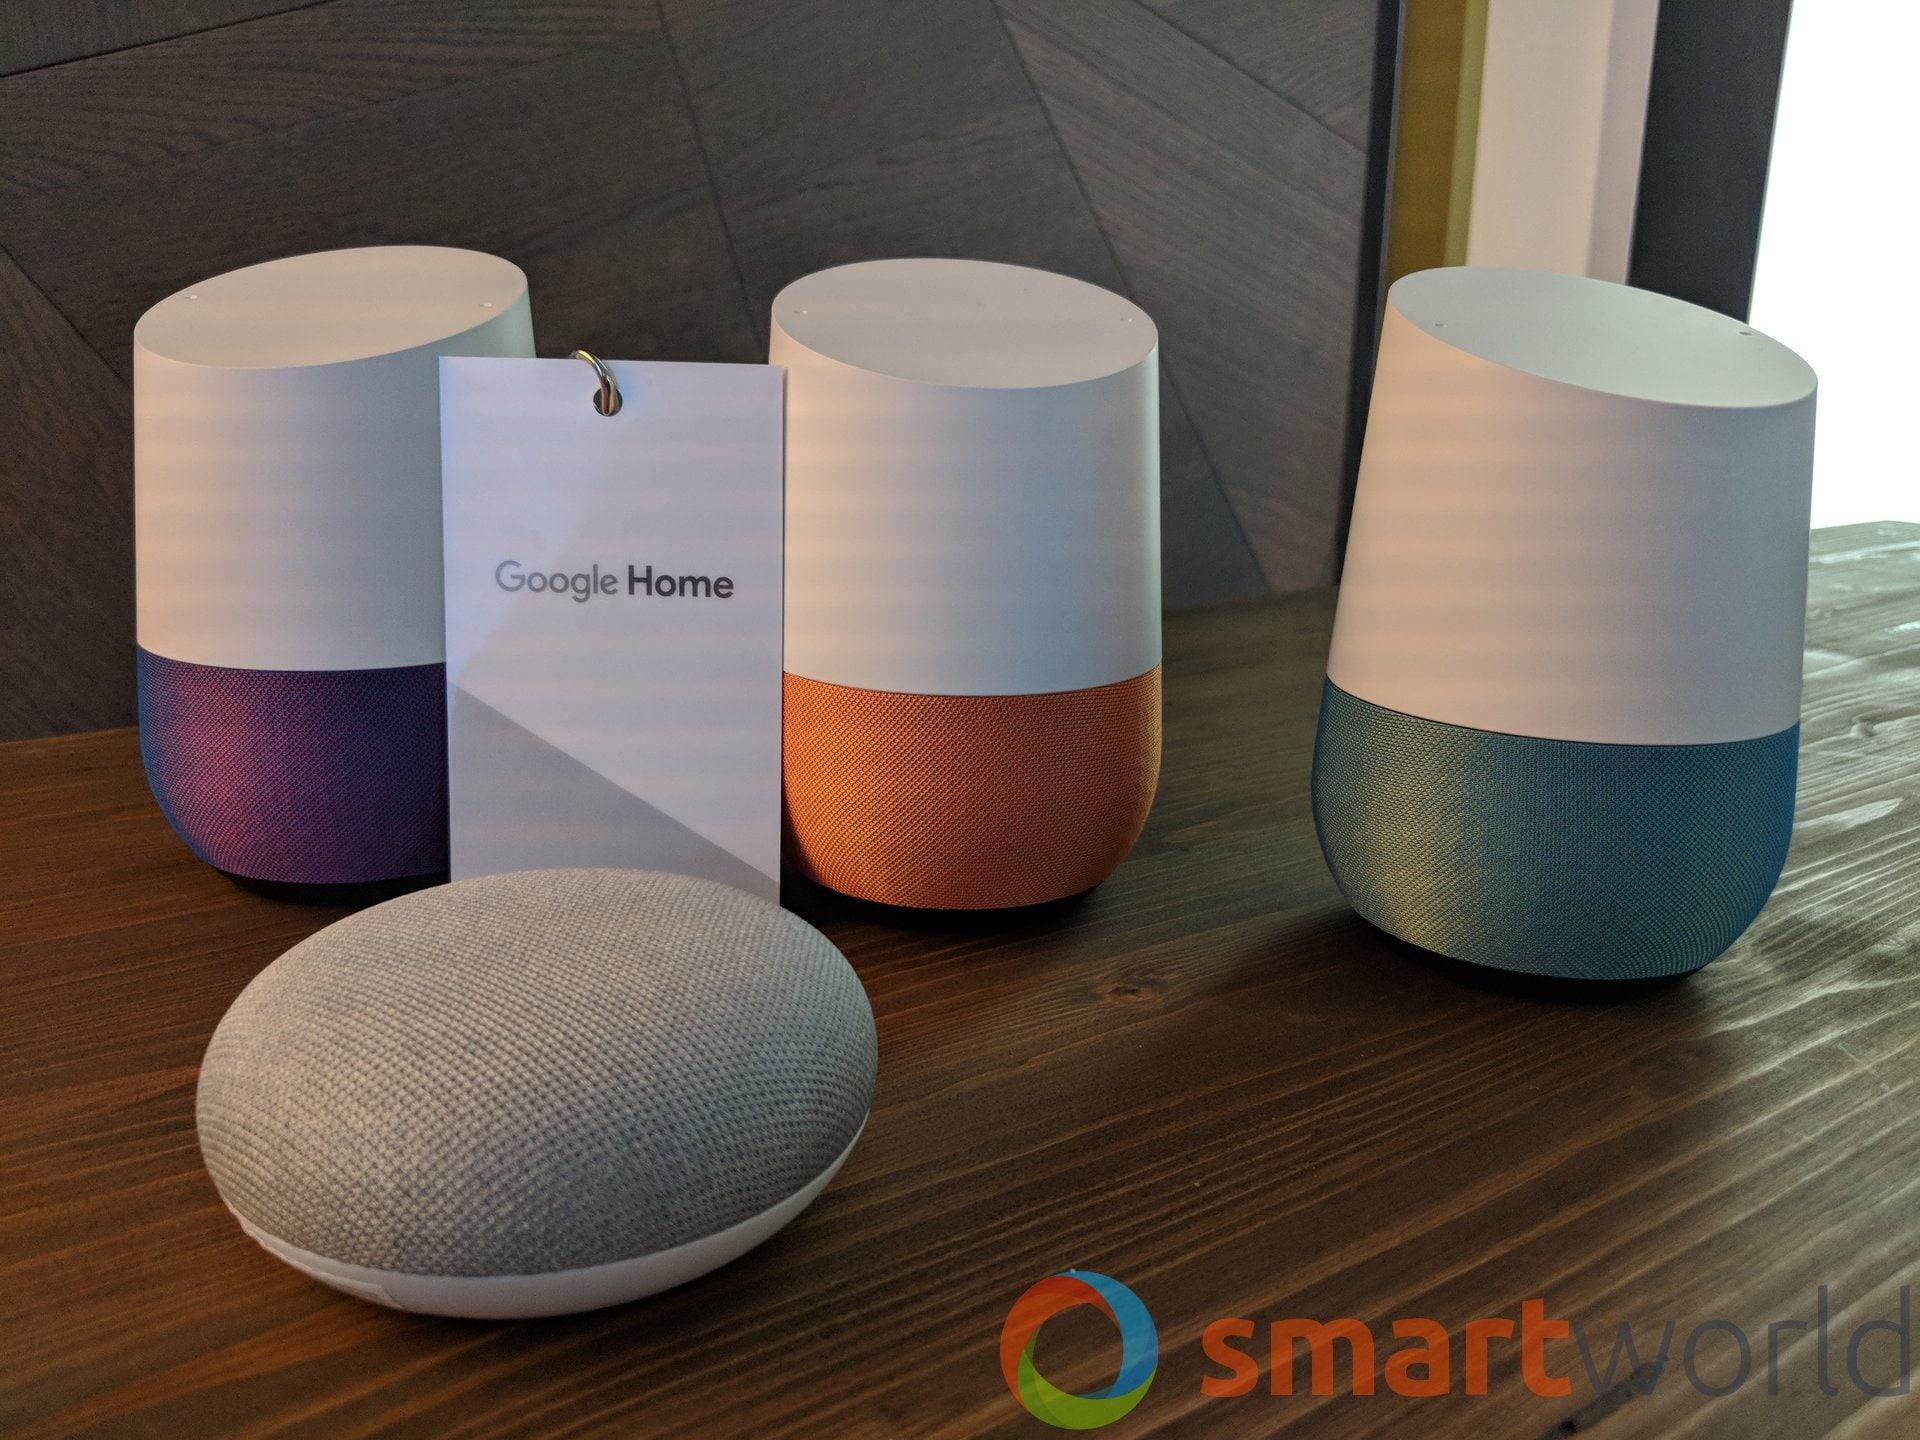 Venerdì Google compie gli anni ed il Google Store preannuncia offerte!